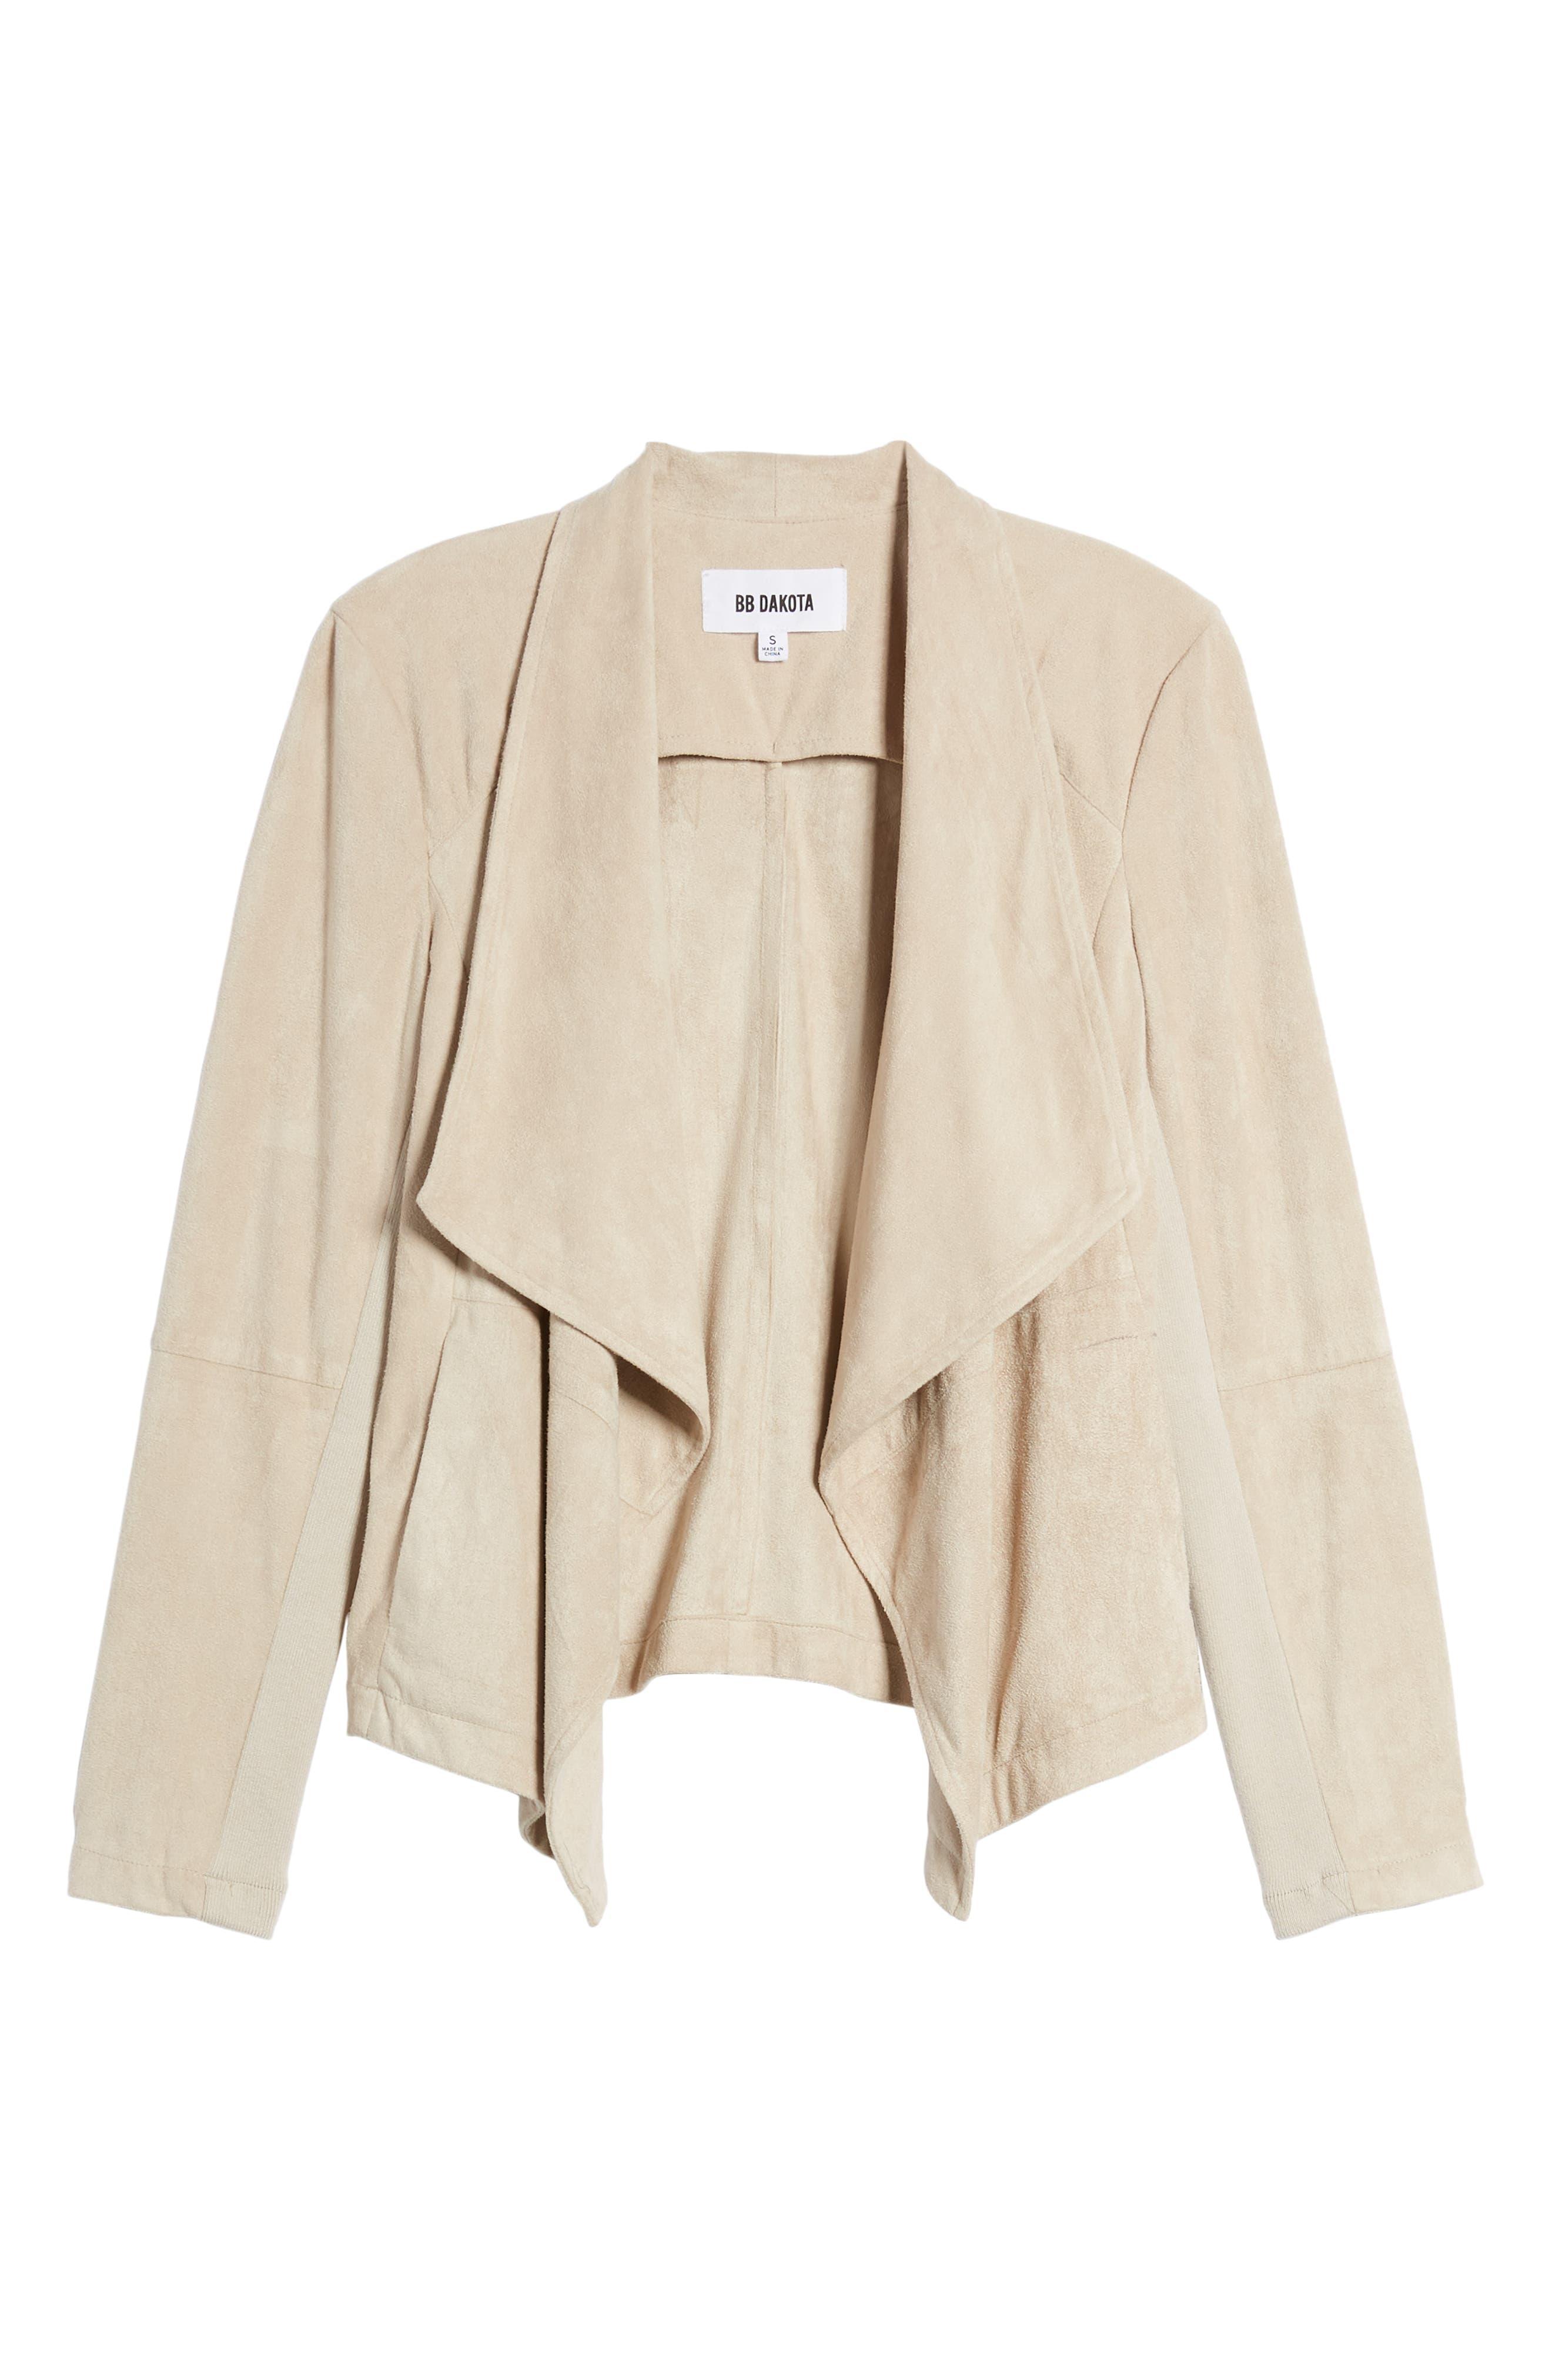 'Nicholson' Faux Suede Drape Front Jacket,                             Alternate thumbnail 7, color,                             Bone